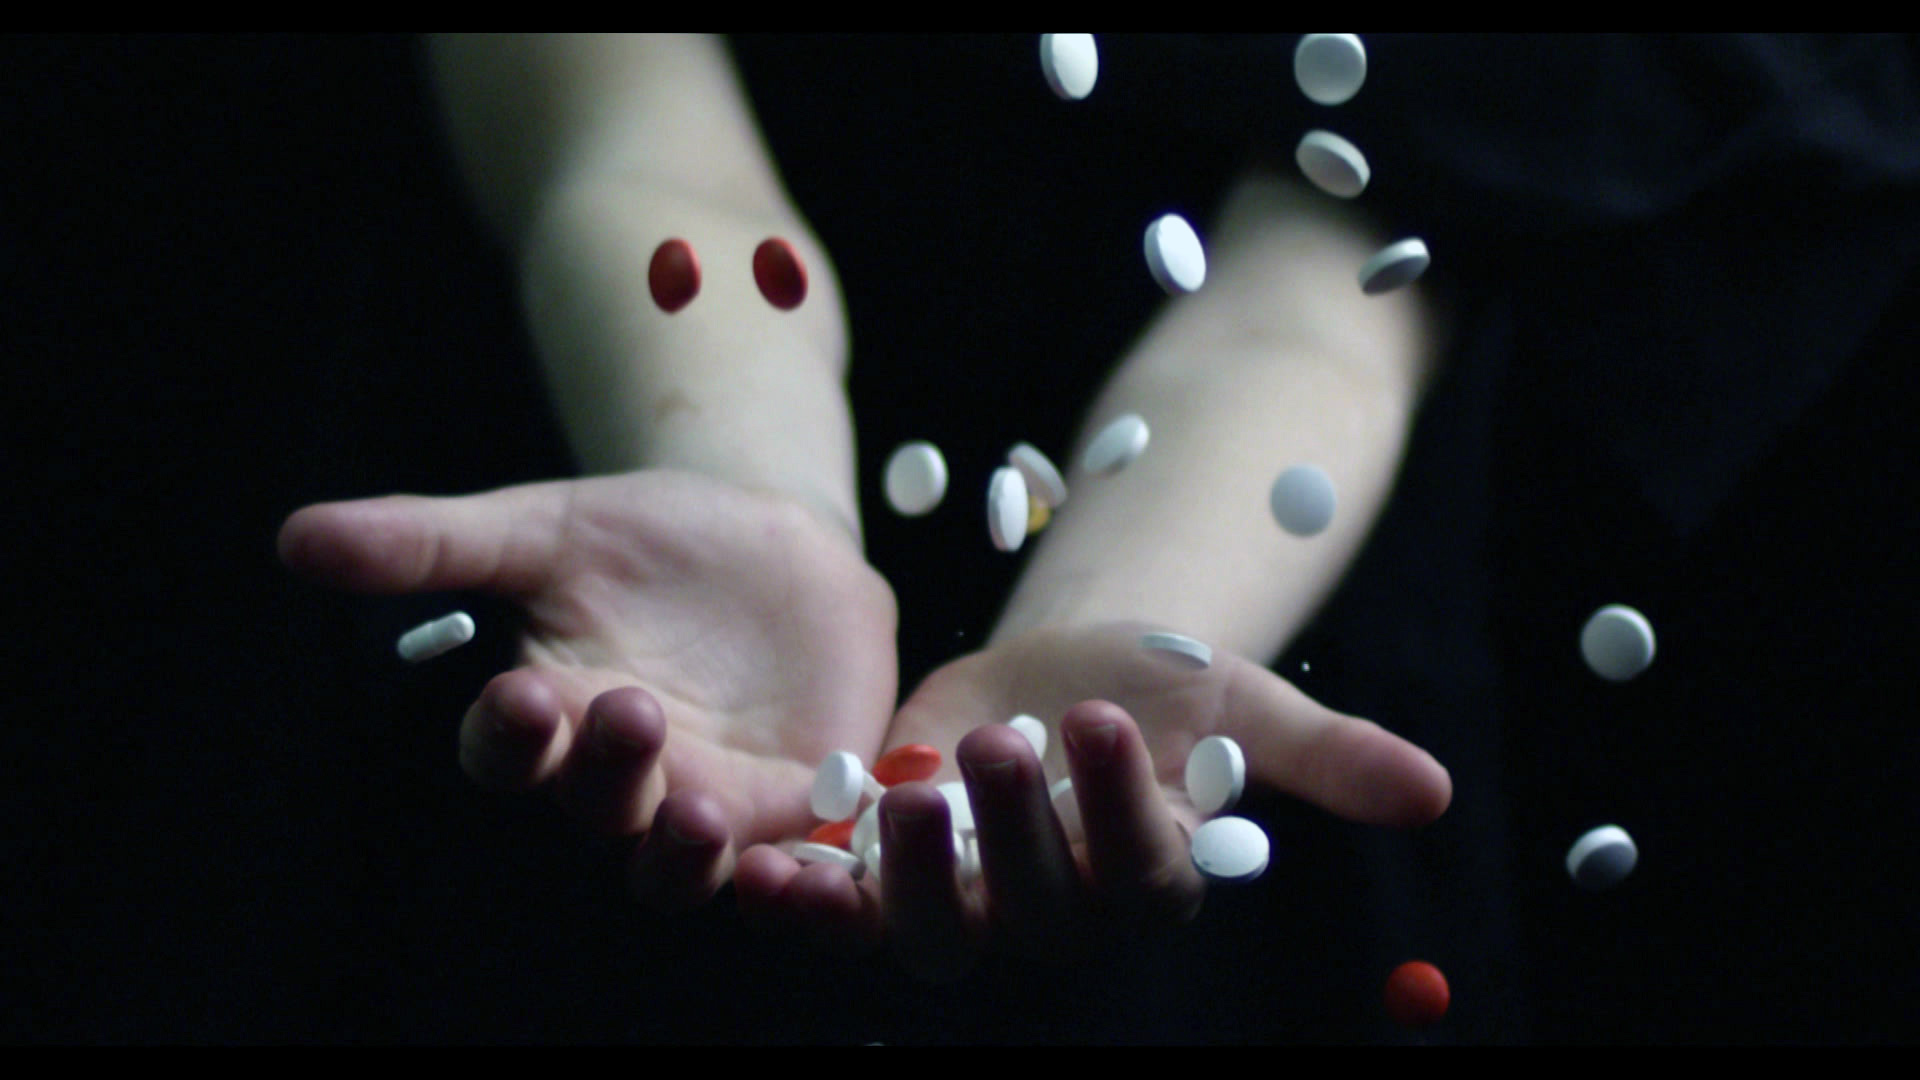 Piller i hænder